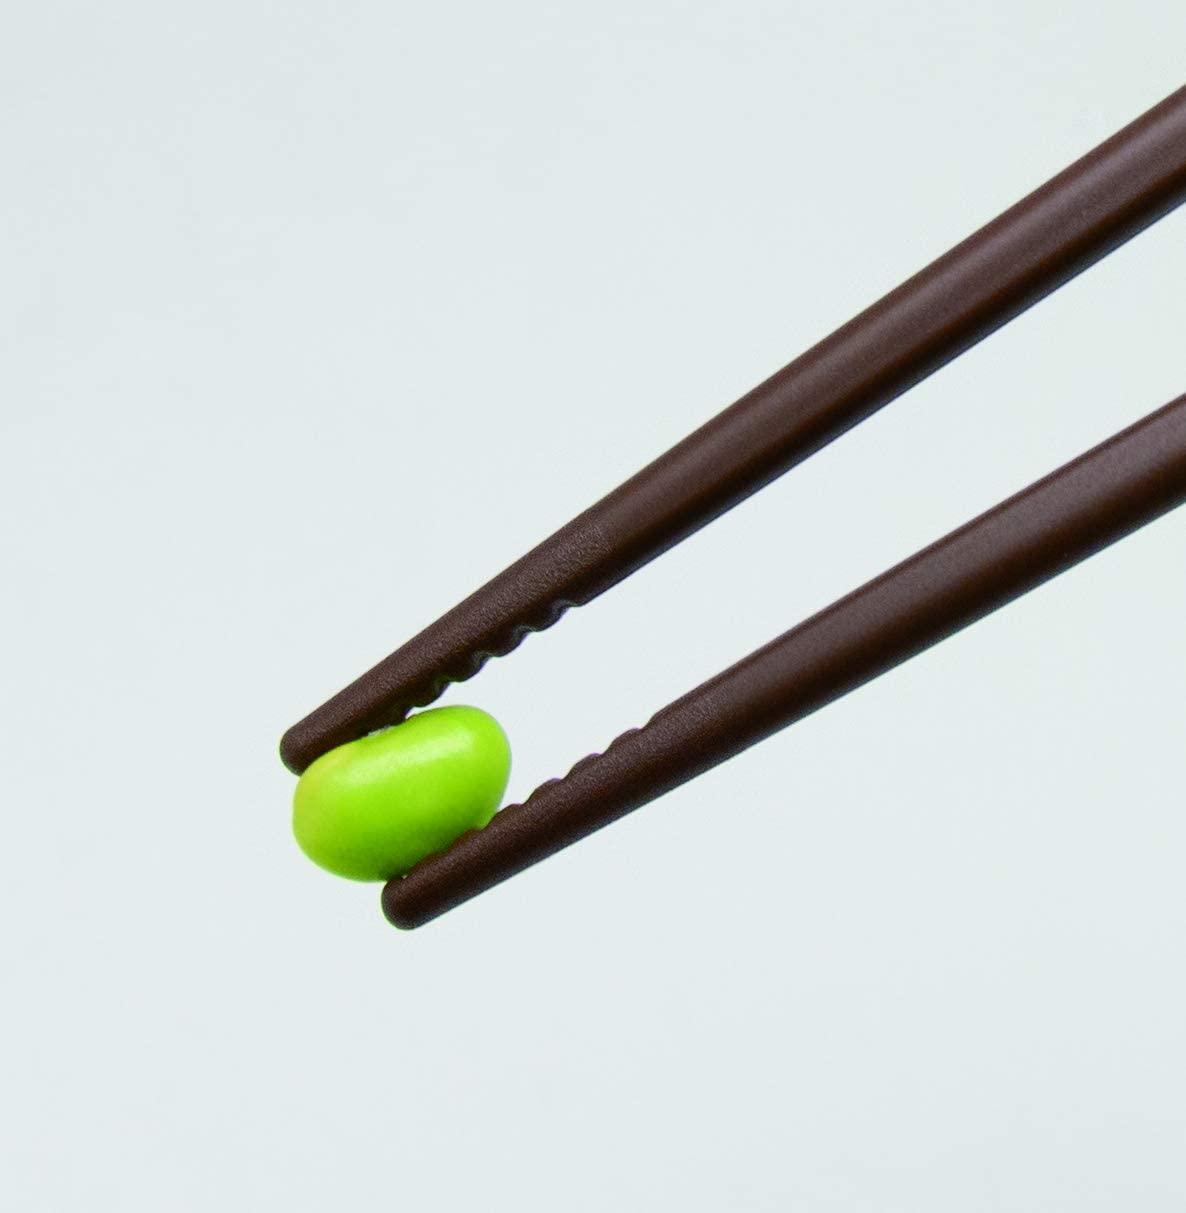 EDISON(エジソン) 【右手用】お箸Ⅲ 20cm KJ103271の商品画像7